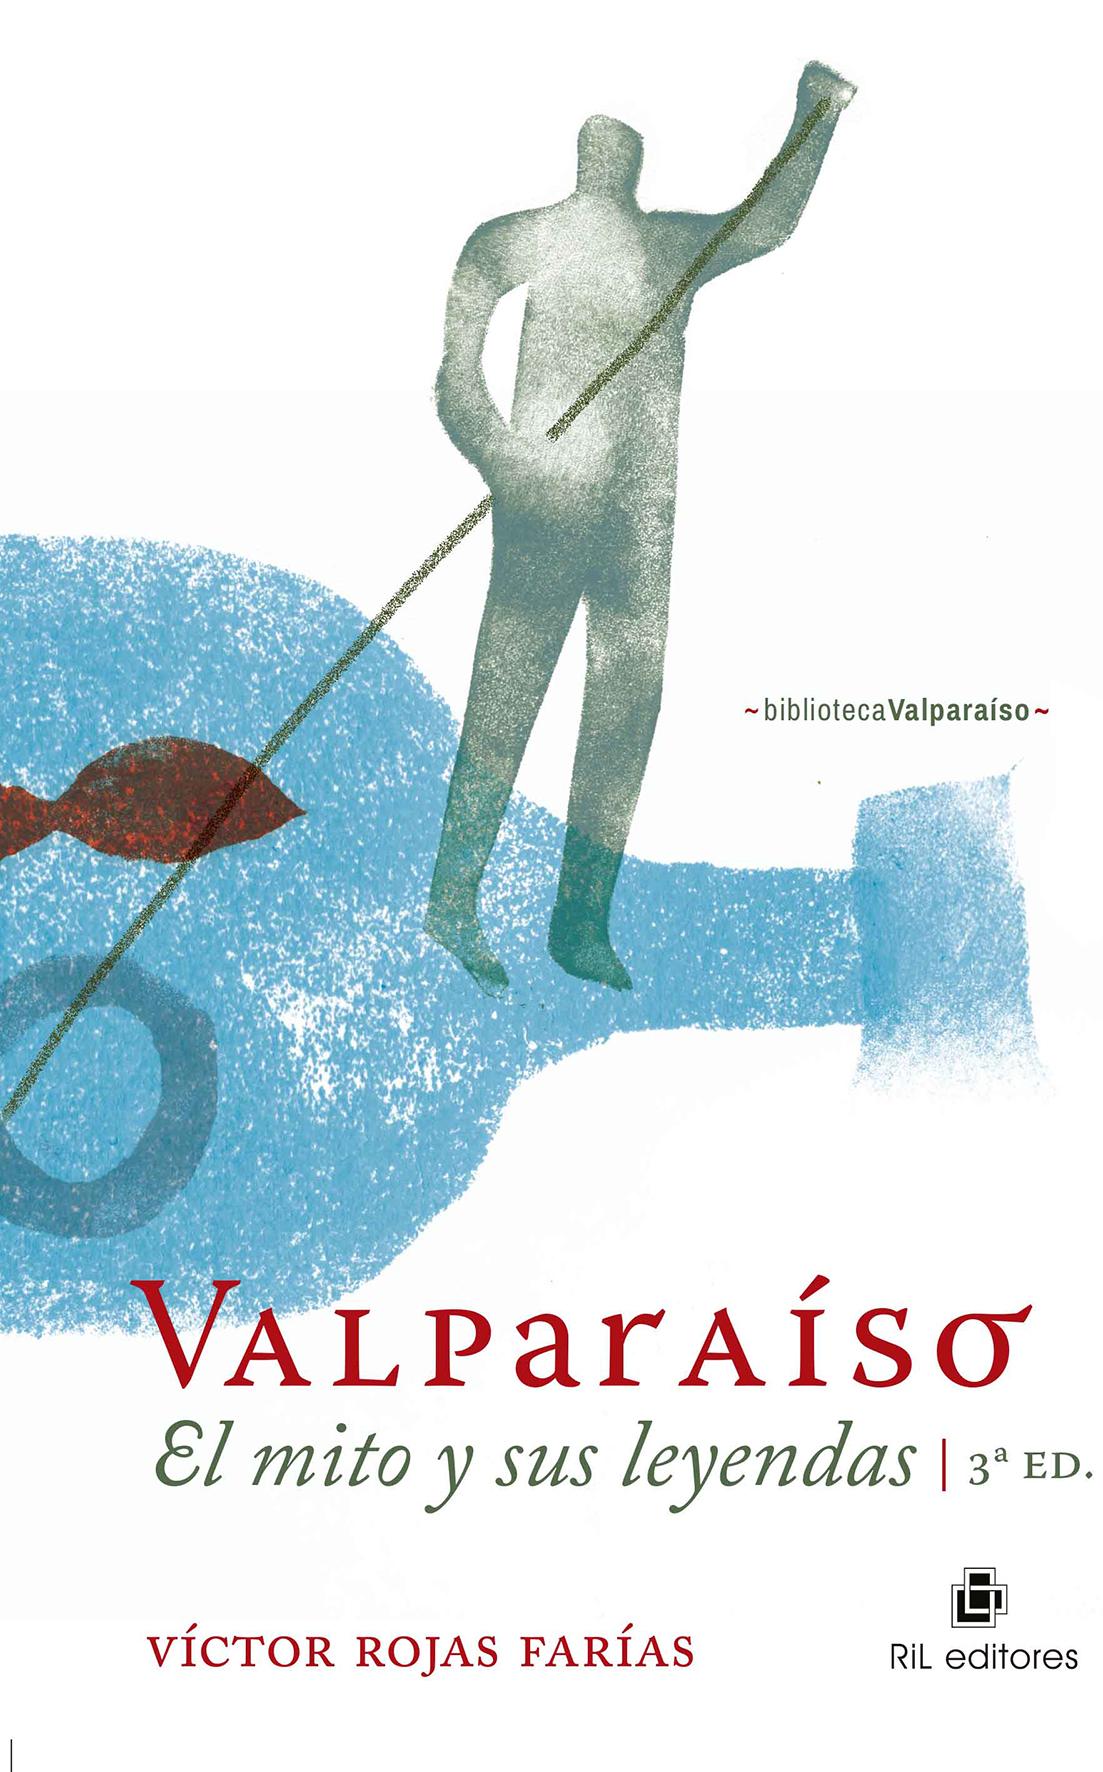 Valparaíso: el mito y sus leyendas 1